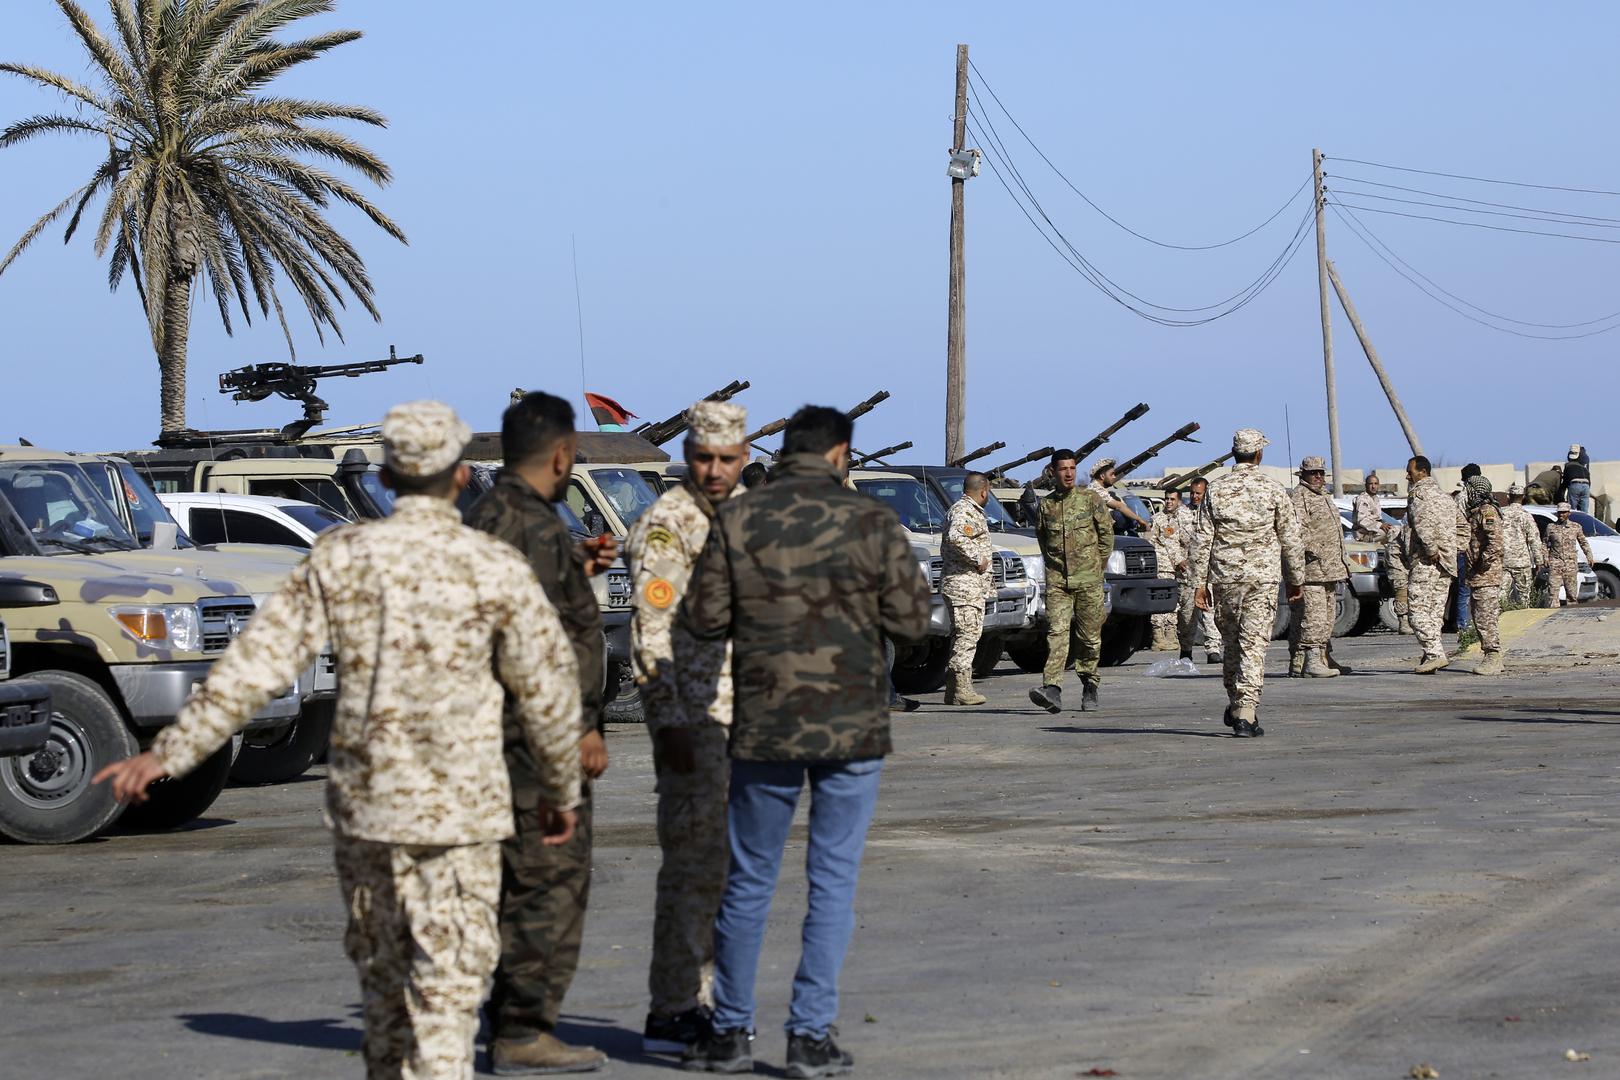 مصراتة - ليبيا - أرشيف